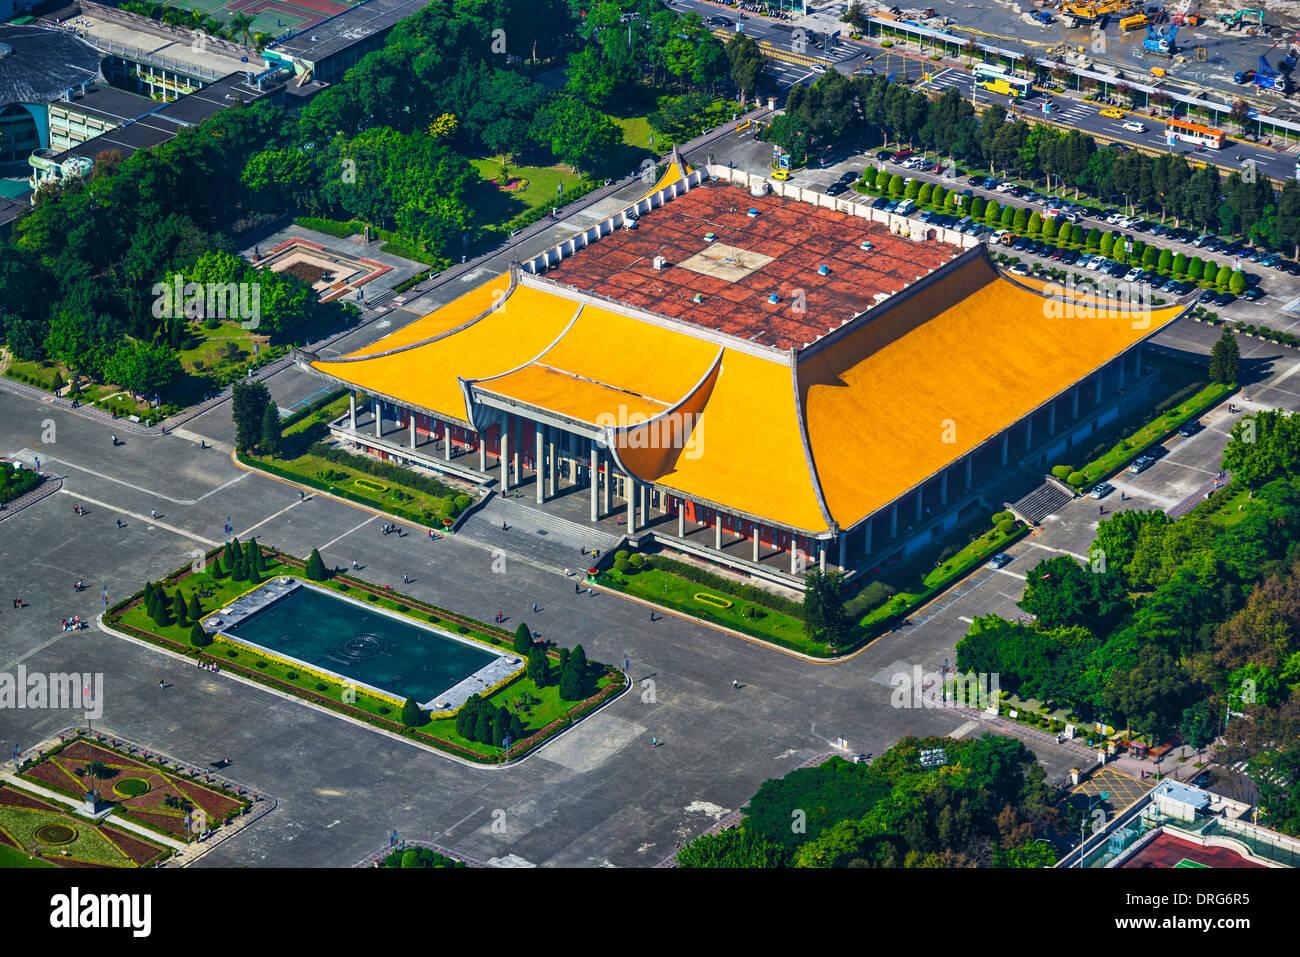 Taipei, Taiwán al Dr. Sun Yat-sen Memorial Hall vista aérea. Imagen De Stock